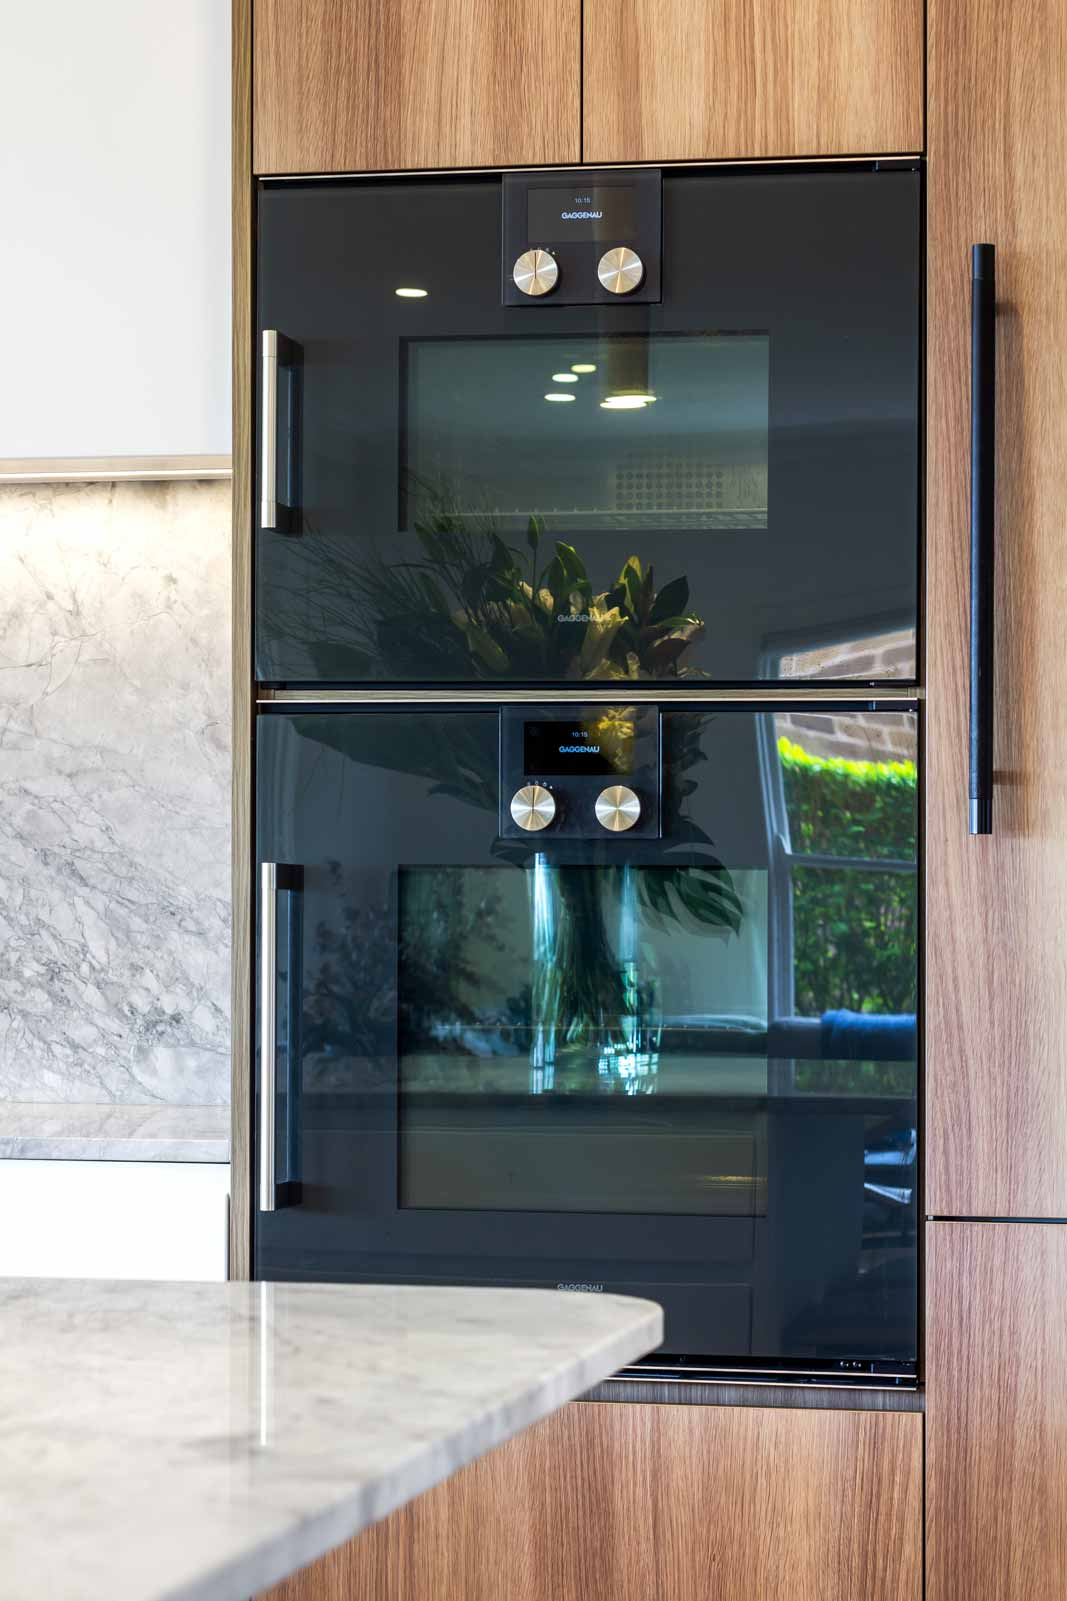 luxury kitchen design by Premier Kitchens featuring Gaggenau appliances, Vintec wine fridge, natural marble benchtop and splashback.